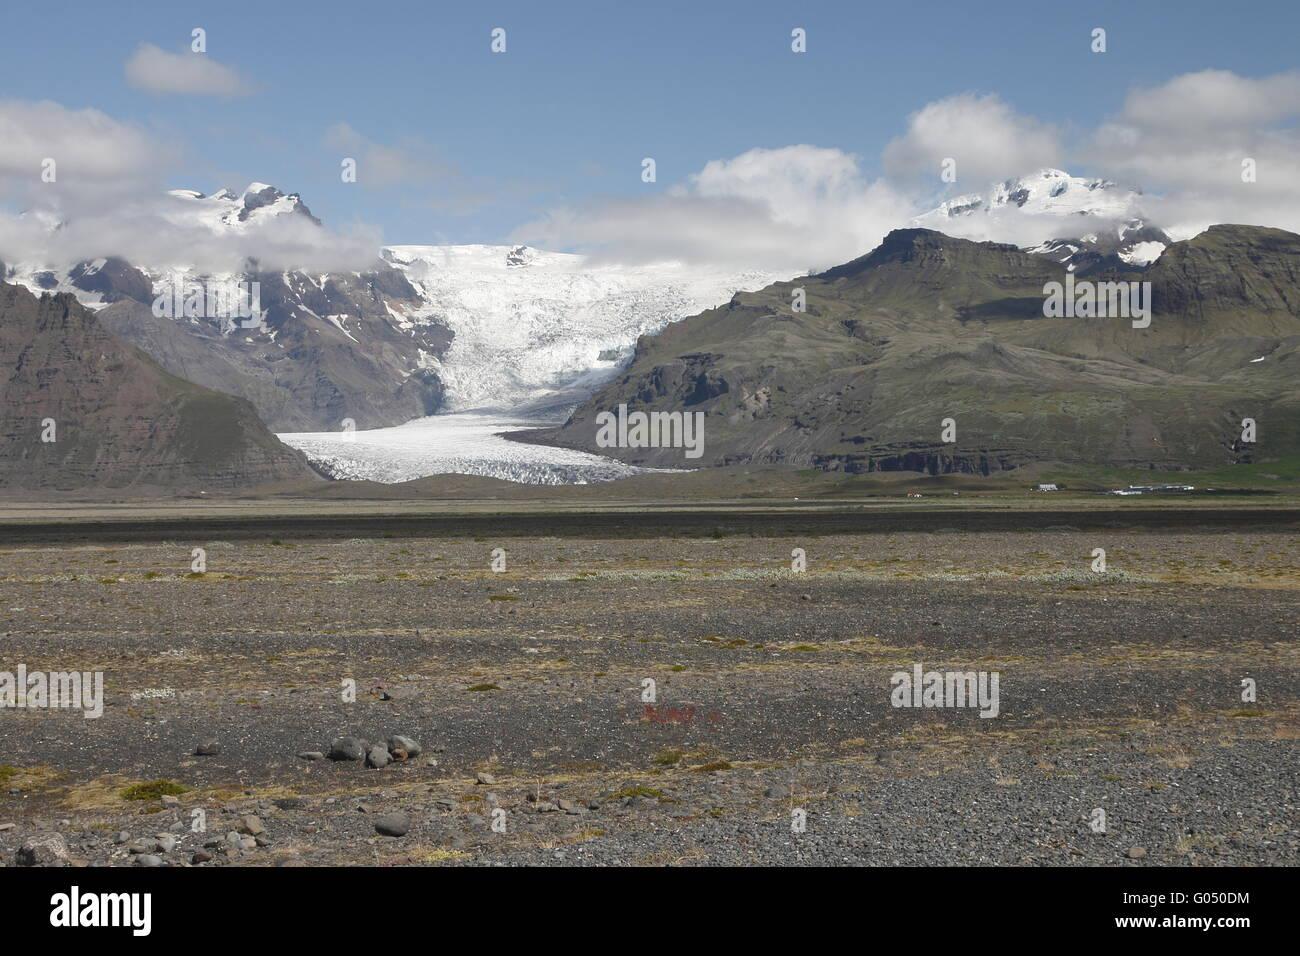 Hvannadalshnúkur and Svínafellsjökull. Hvannadalshnúkur (2110m) is the highest peak in Iceland. - Stock Image